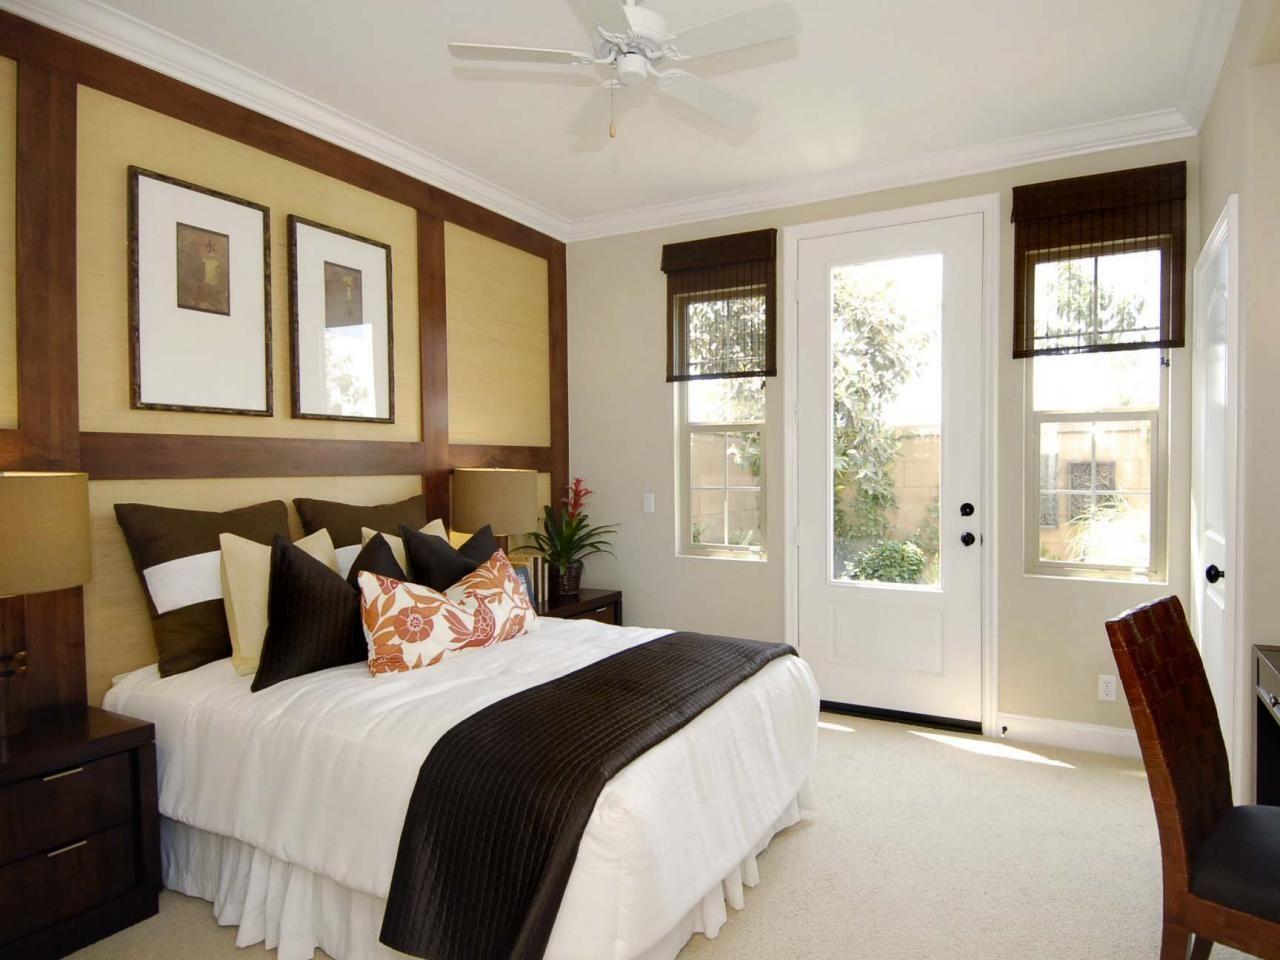 Schlafzimmer Renovieren Ideen Was Brauchen Sie? Könnten Sie Ersetzen Sie  Alle Ihre Alten Schlafzimmermöbel, Ausgehend Von Grund Auf In Ihre Erste  Wohnung ...